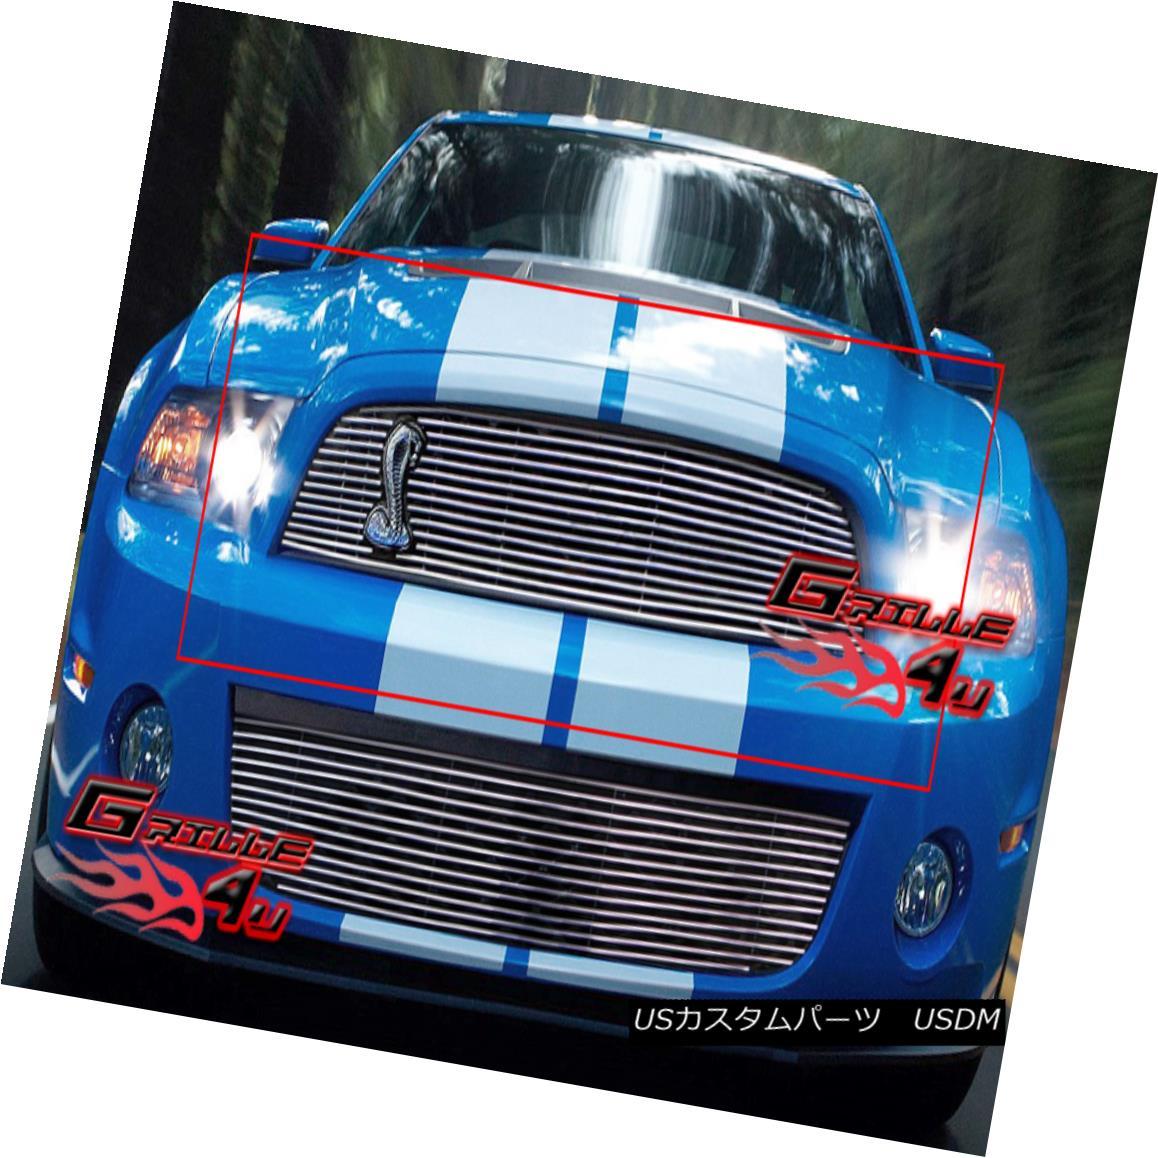 グリル Fits 2010-2012 Ford Mustang Shelby GT 500 Billet Grille フィット2010-2012フォードマスタングシェルビーGT 500ビレットグリル